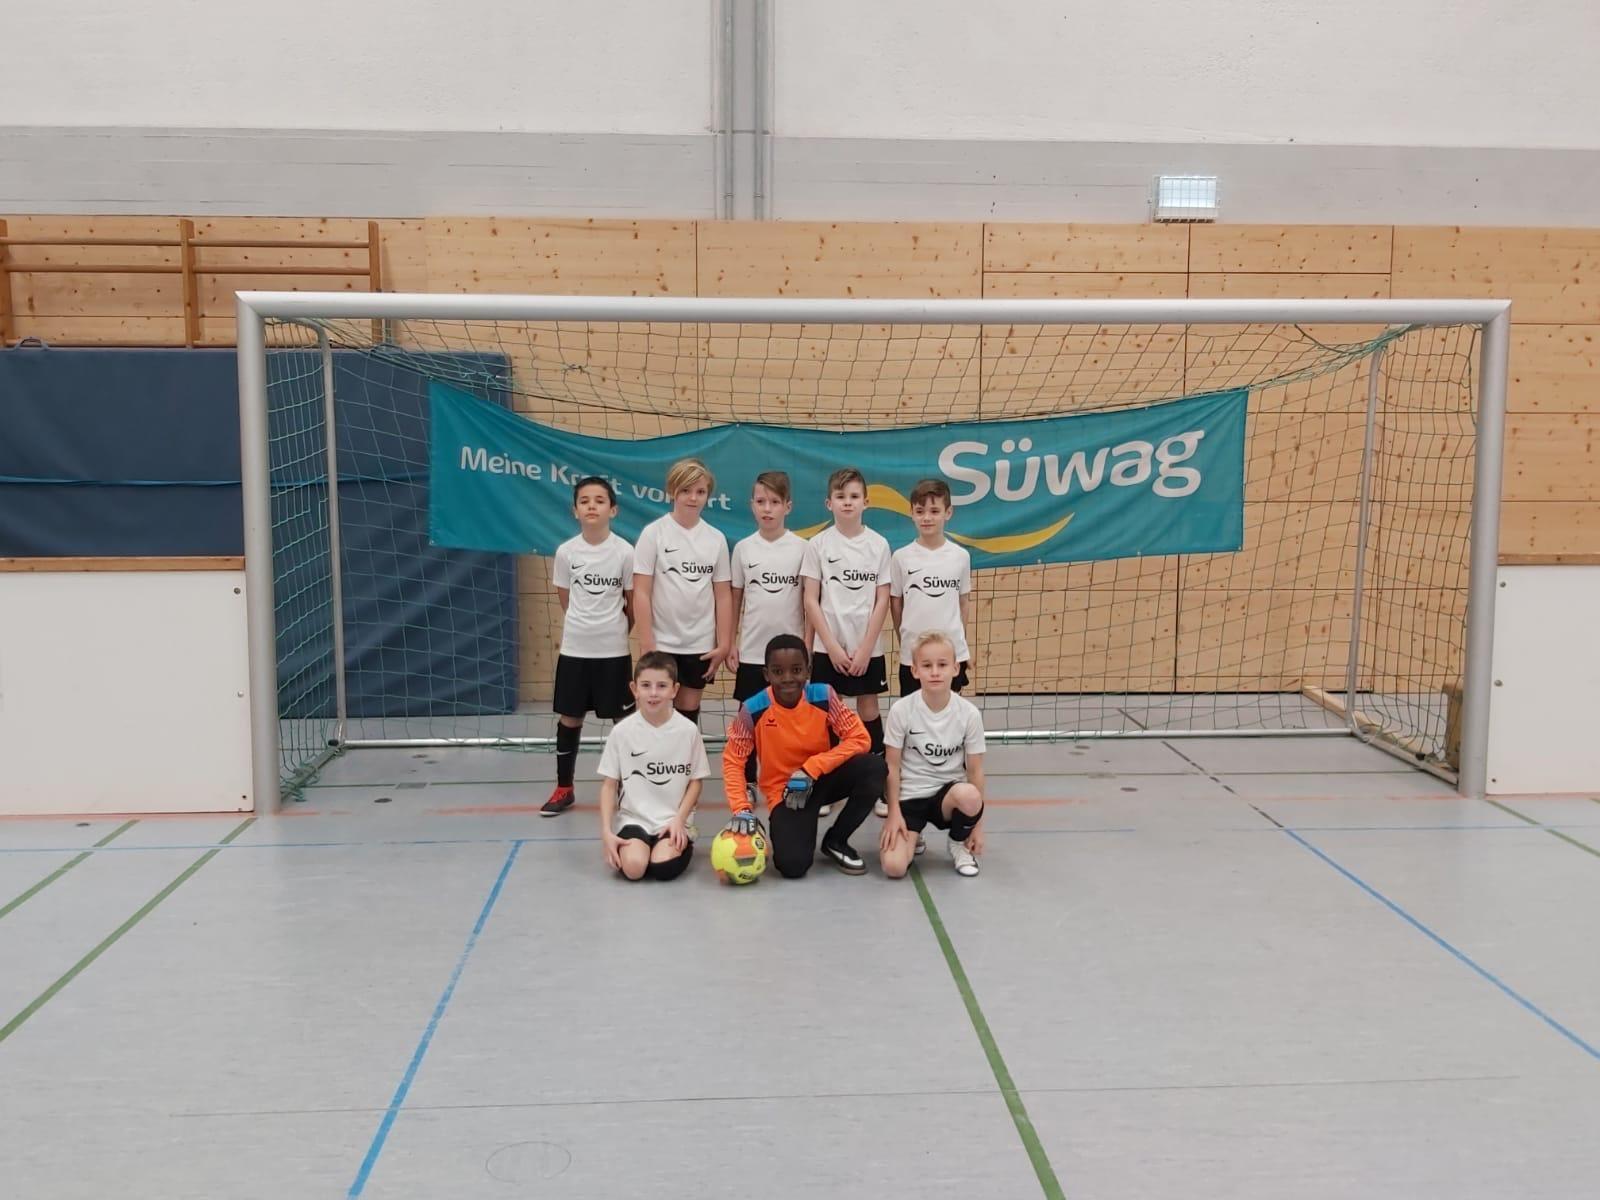 E-Junioren U10 - VfB Linz - Süwag Hallencup 2020